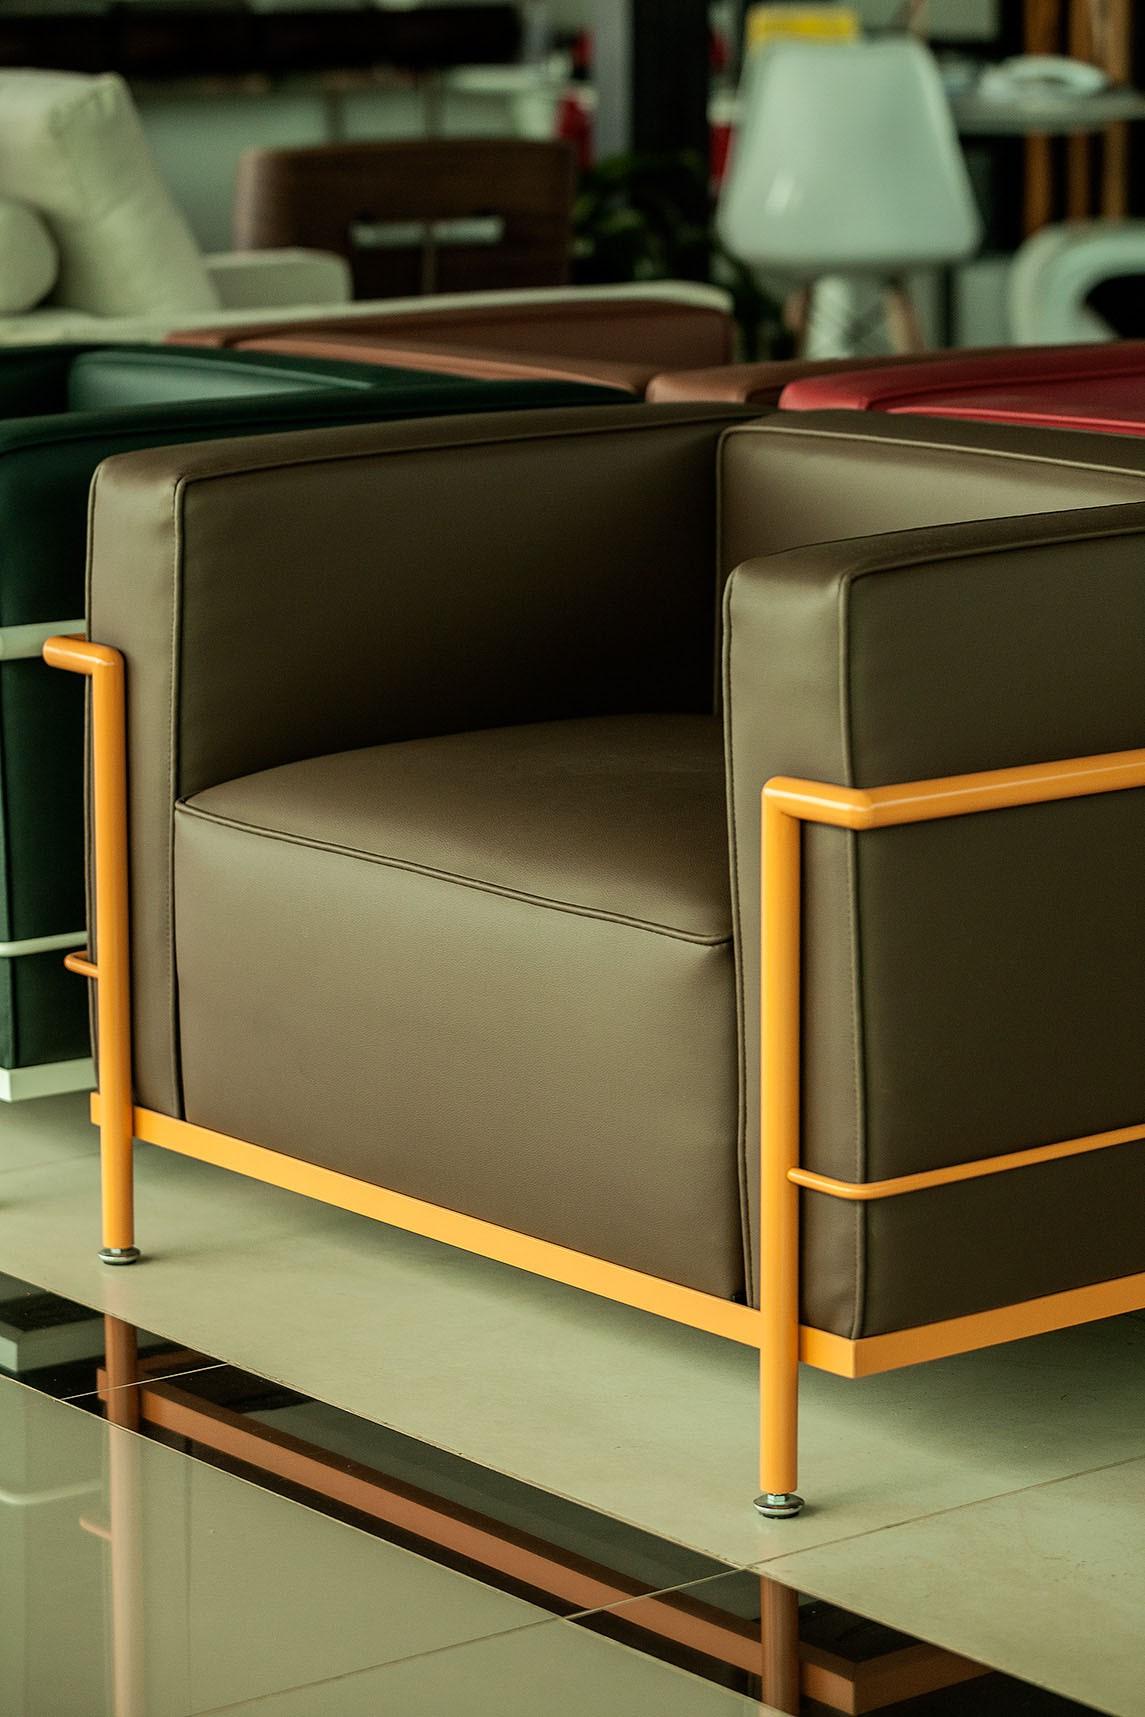 Poltrona LC3 - estrutura em aço carbono pintado em laca laranja e revestimento em Couro Ecológico Marrom Capuccino.